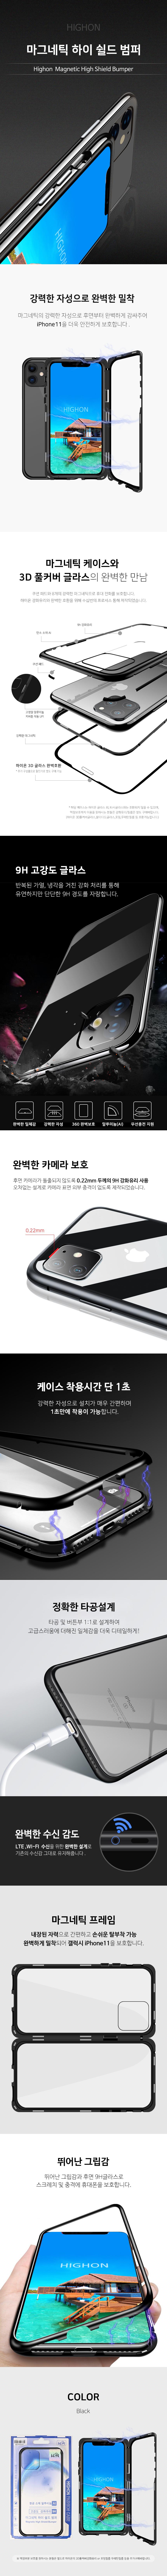 아이폰11 마그네틱 하이 쉴드 메탈 범퍼케이스 - 하이온, 19,000원, 케이스, 아이폰XS MAX